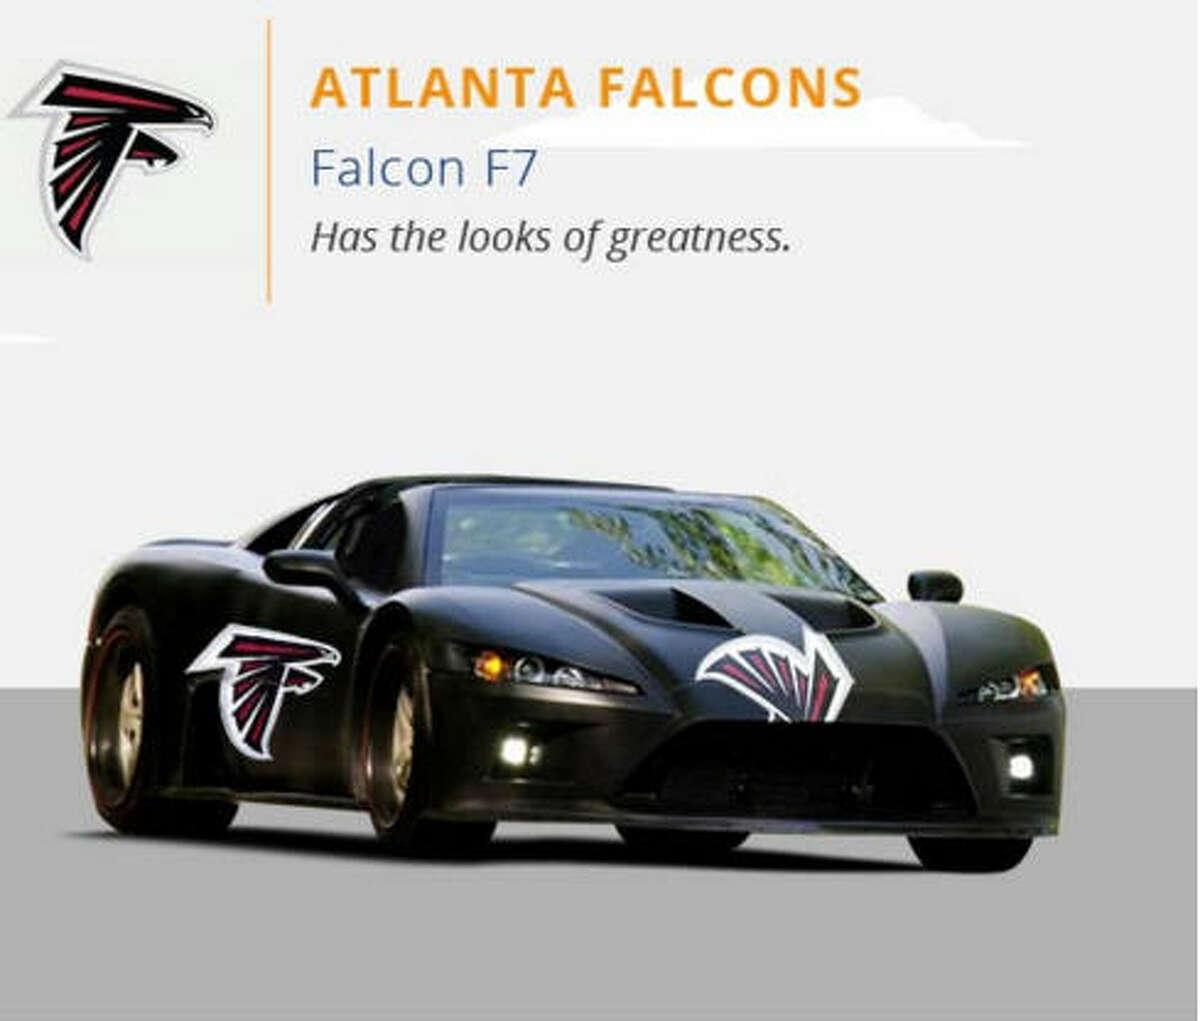 Atlanta Falcons Courtesy CJ Pony Parts